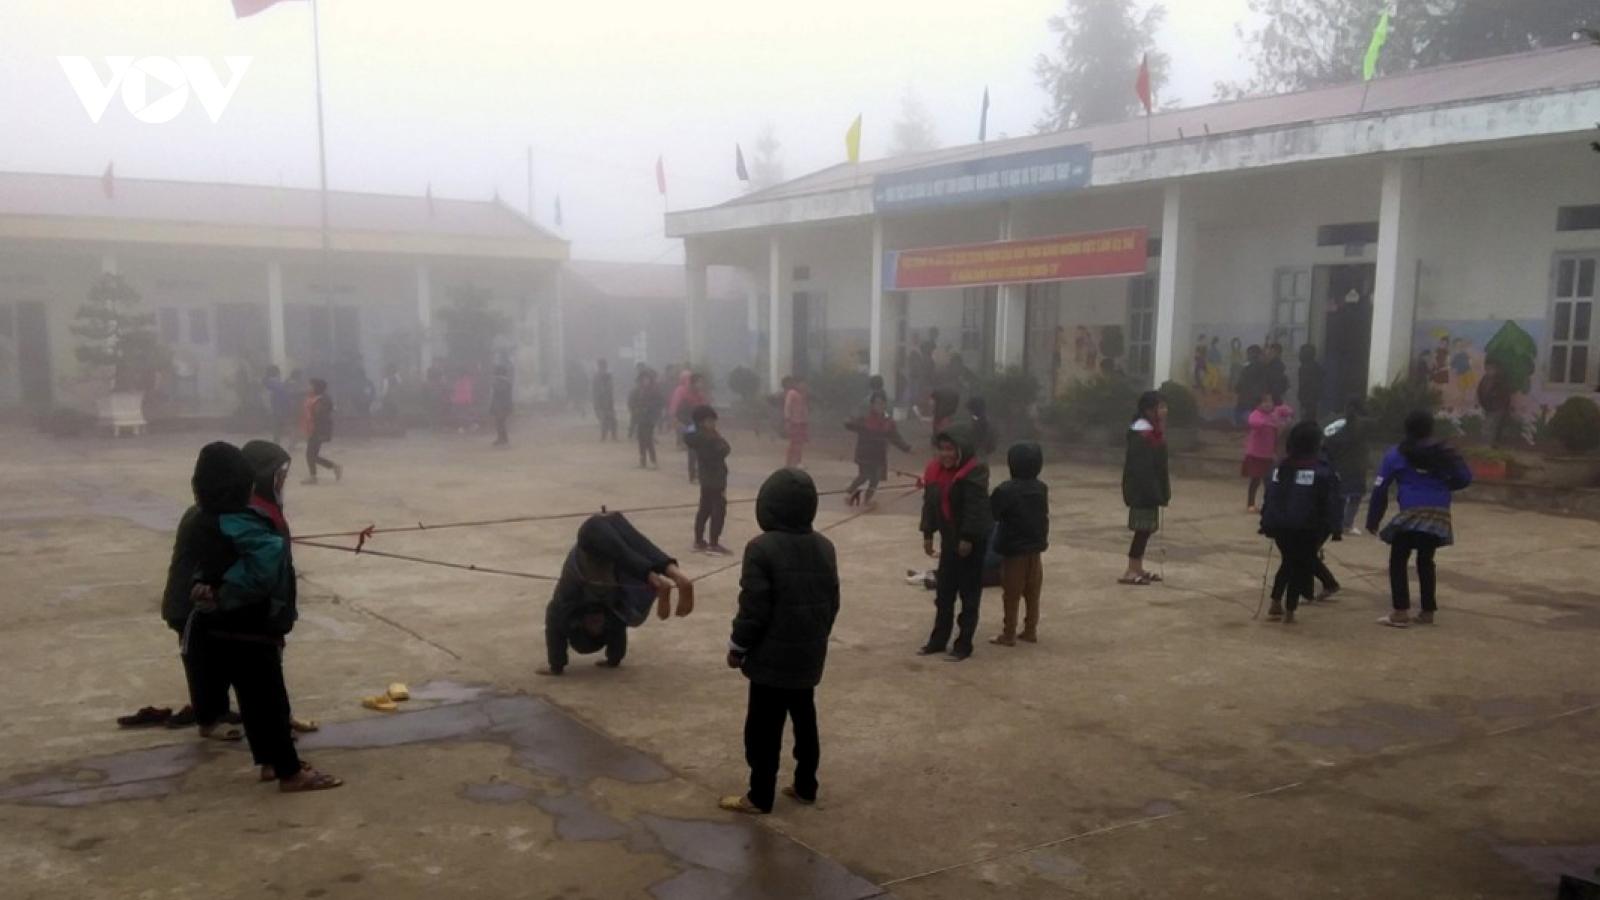 Hơn 130 trường học ở Lai Châu cho học sinh nghỉ học vì rét hại